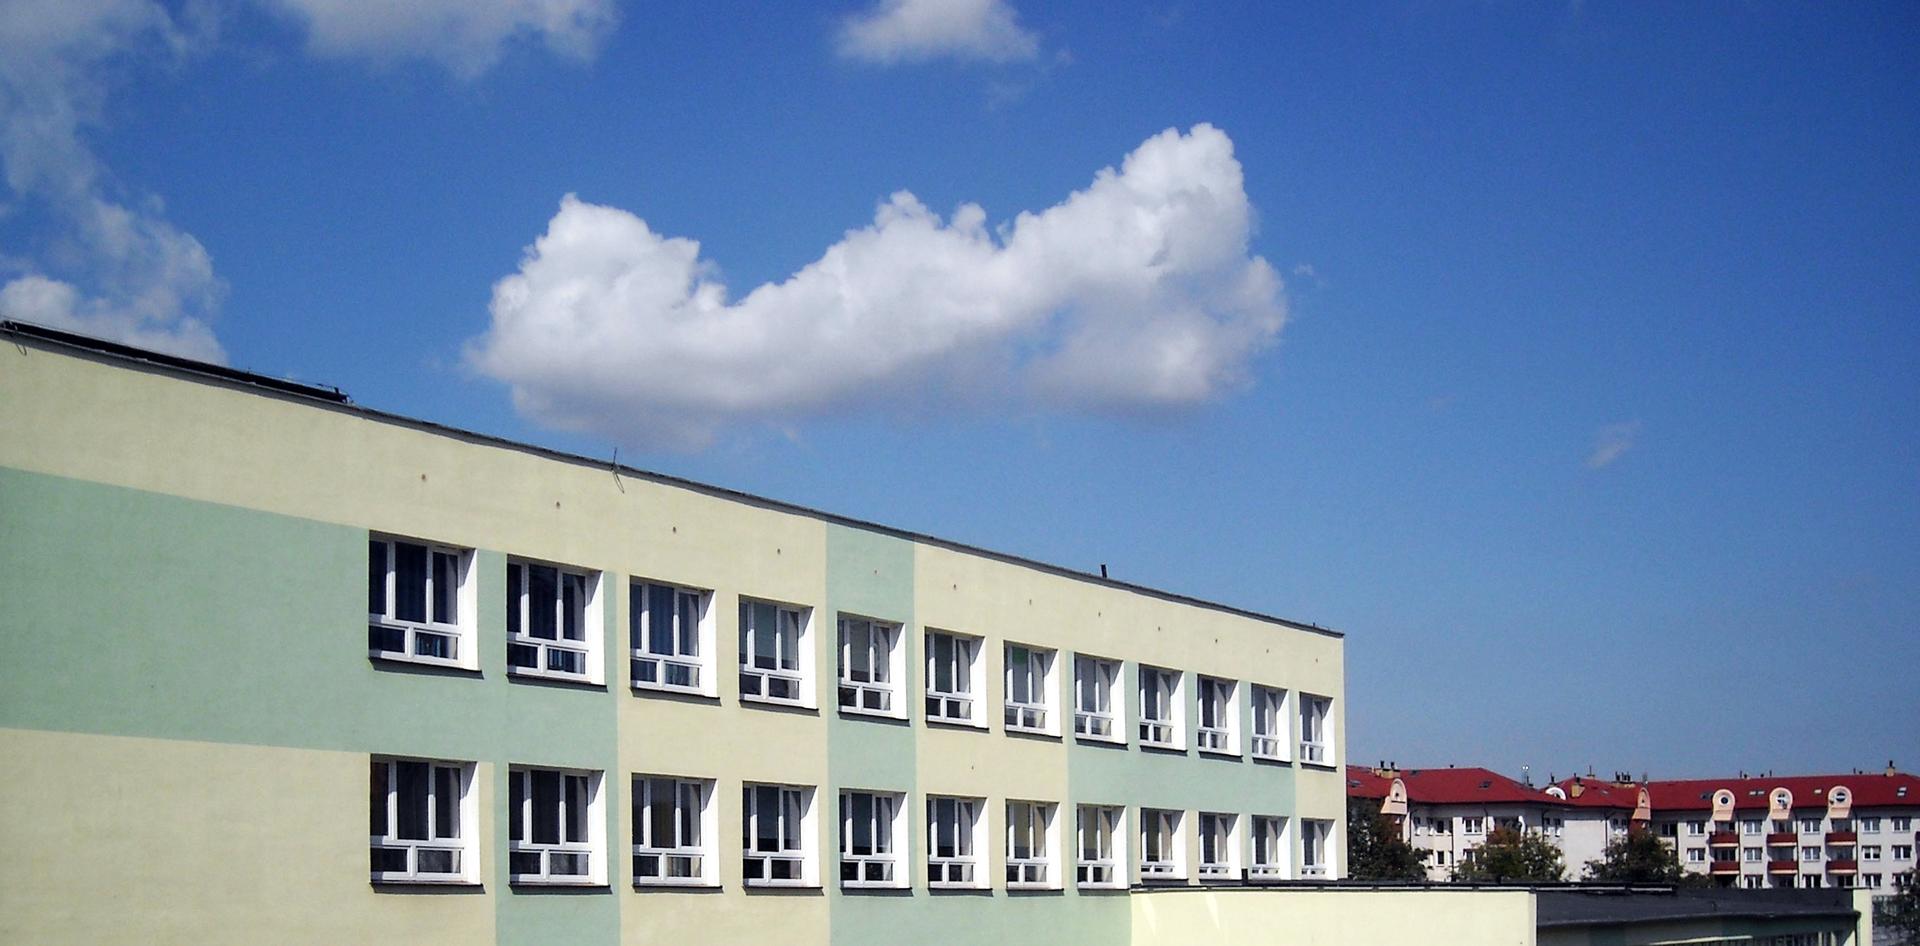 Zdjęcie przedstawia zdjęcie szkoły podstawowej.